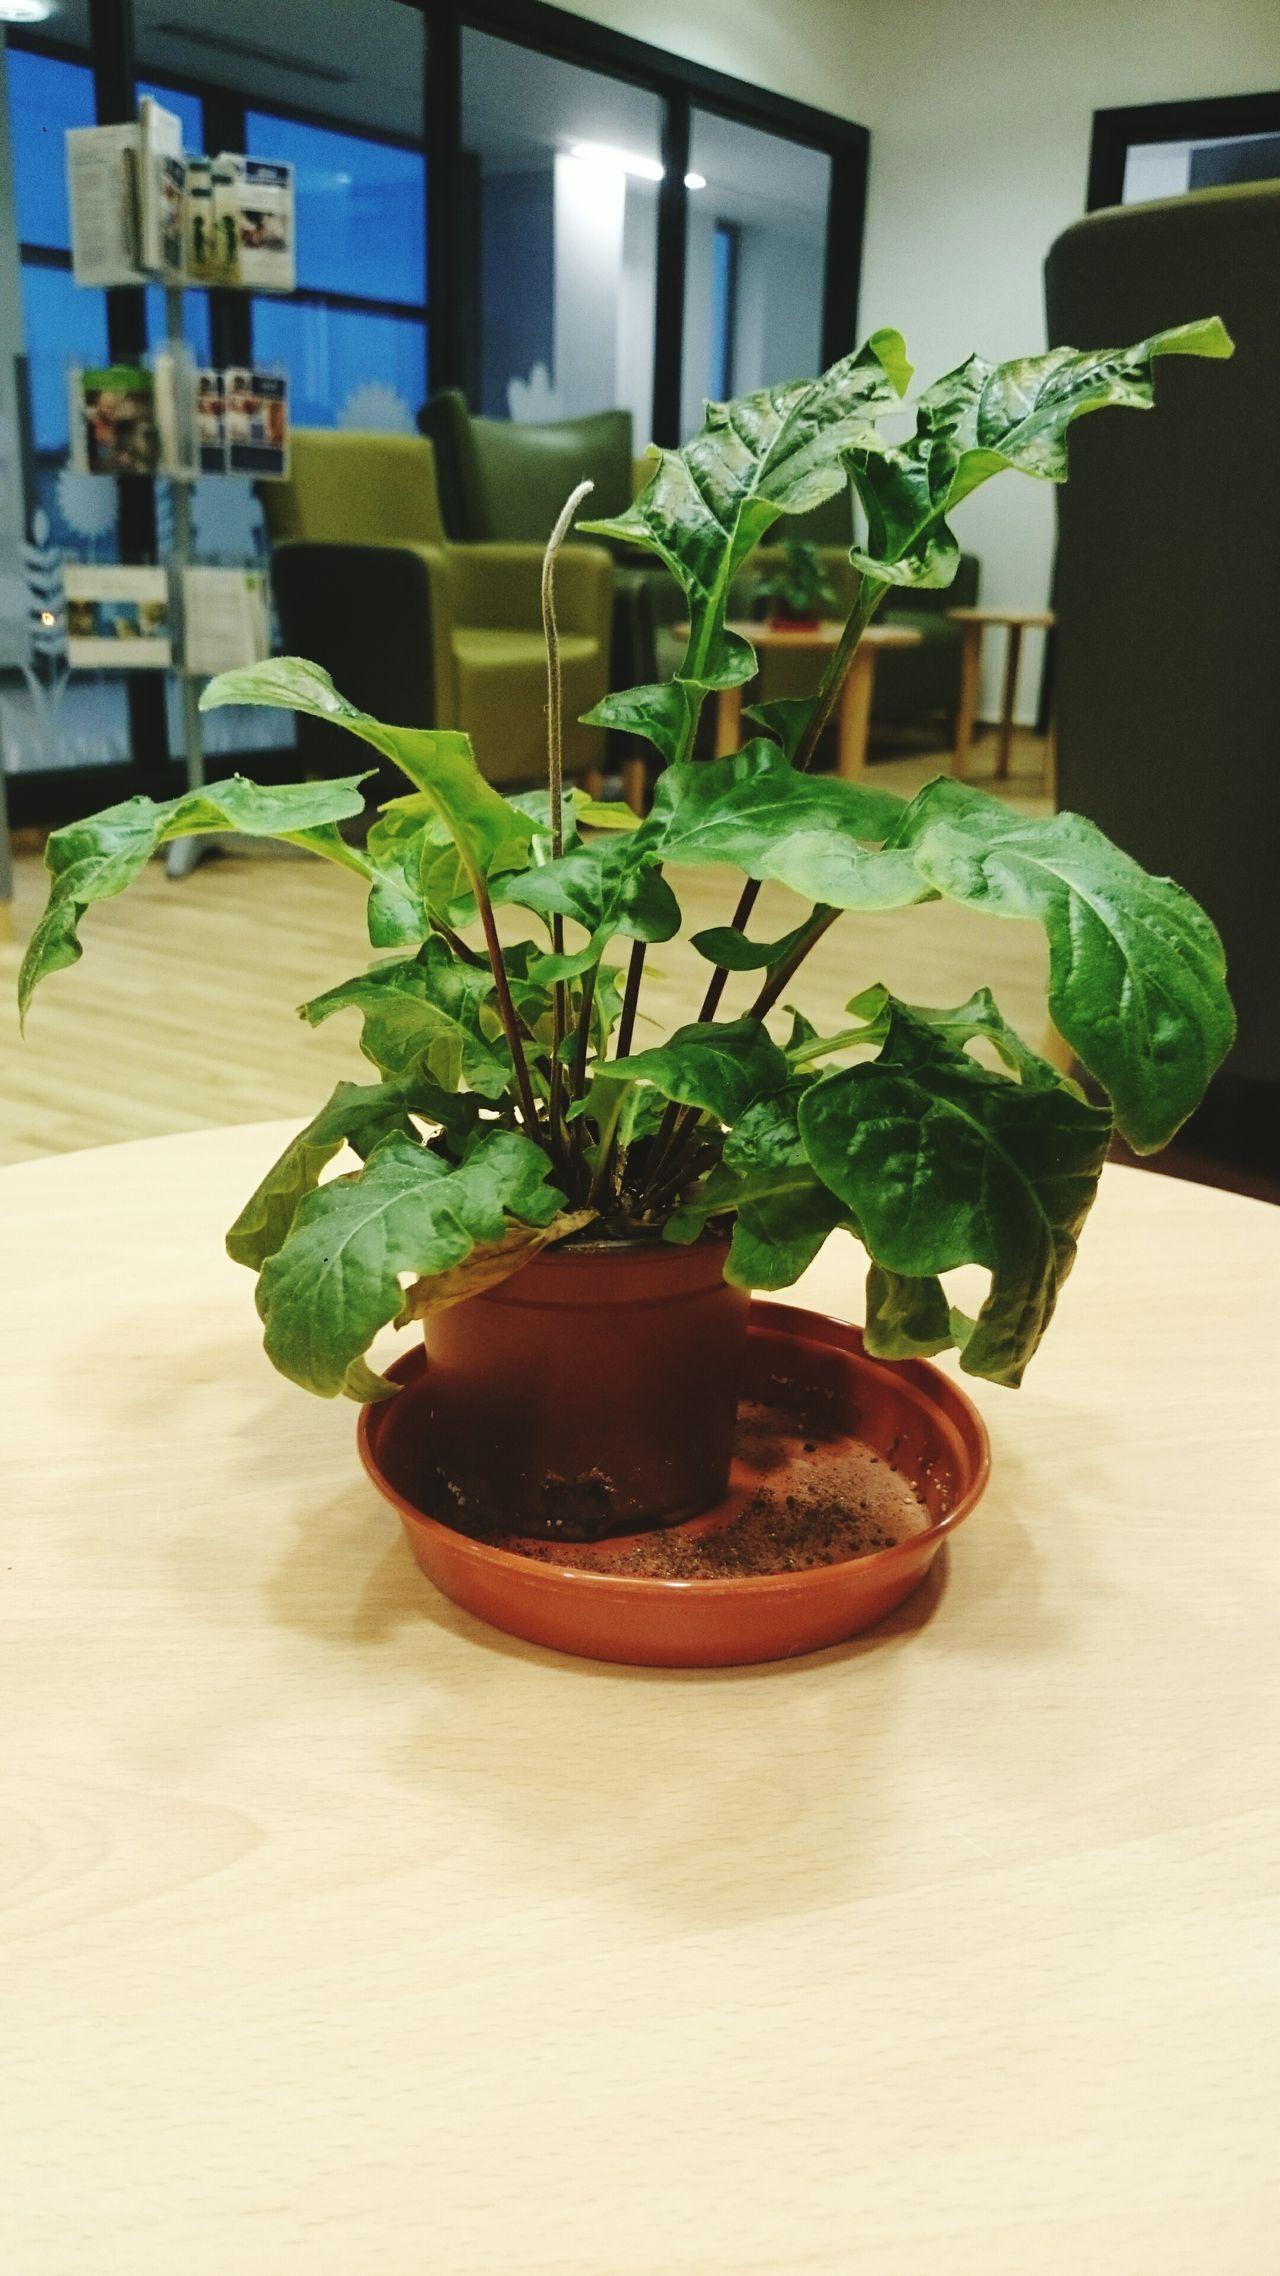 Plant Backgound Defocus Focal Point Green April Showcase April 2016